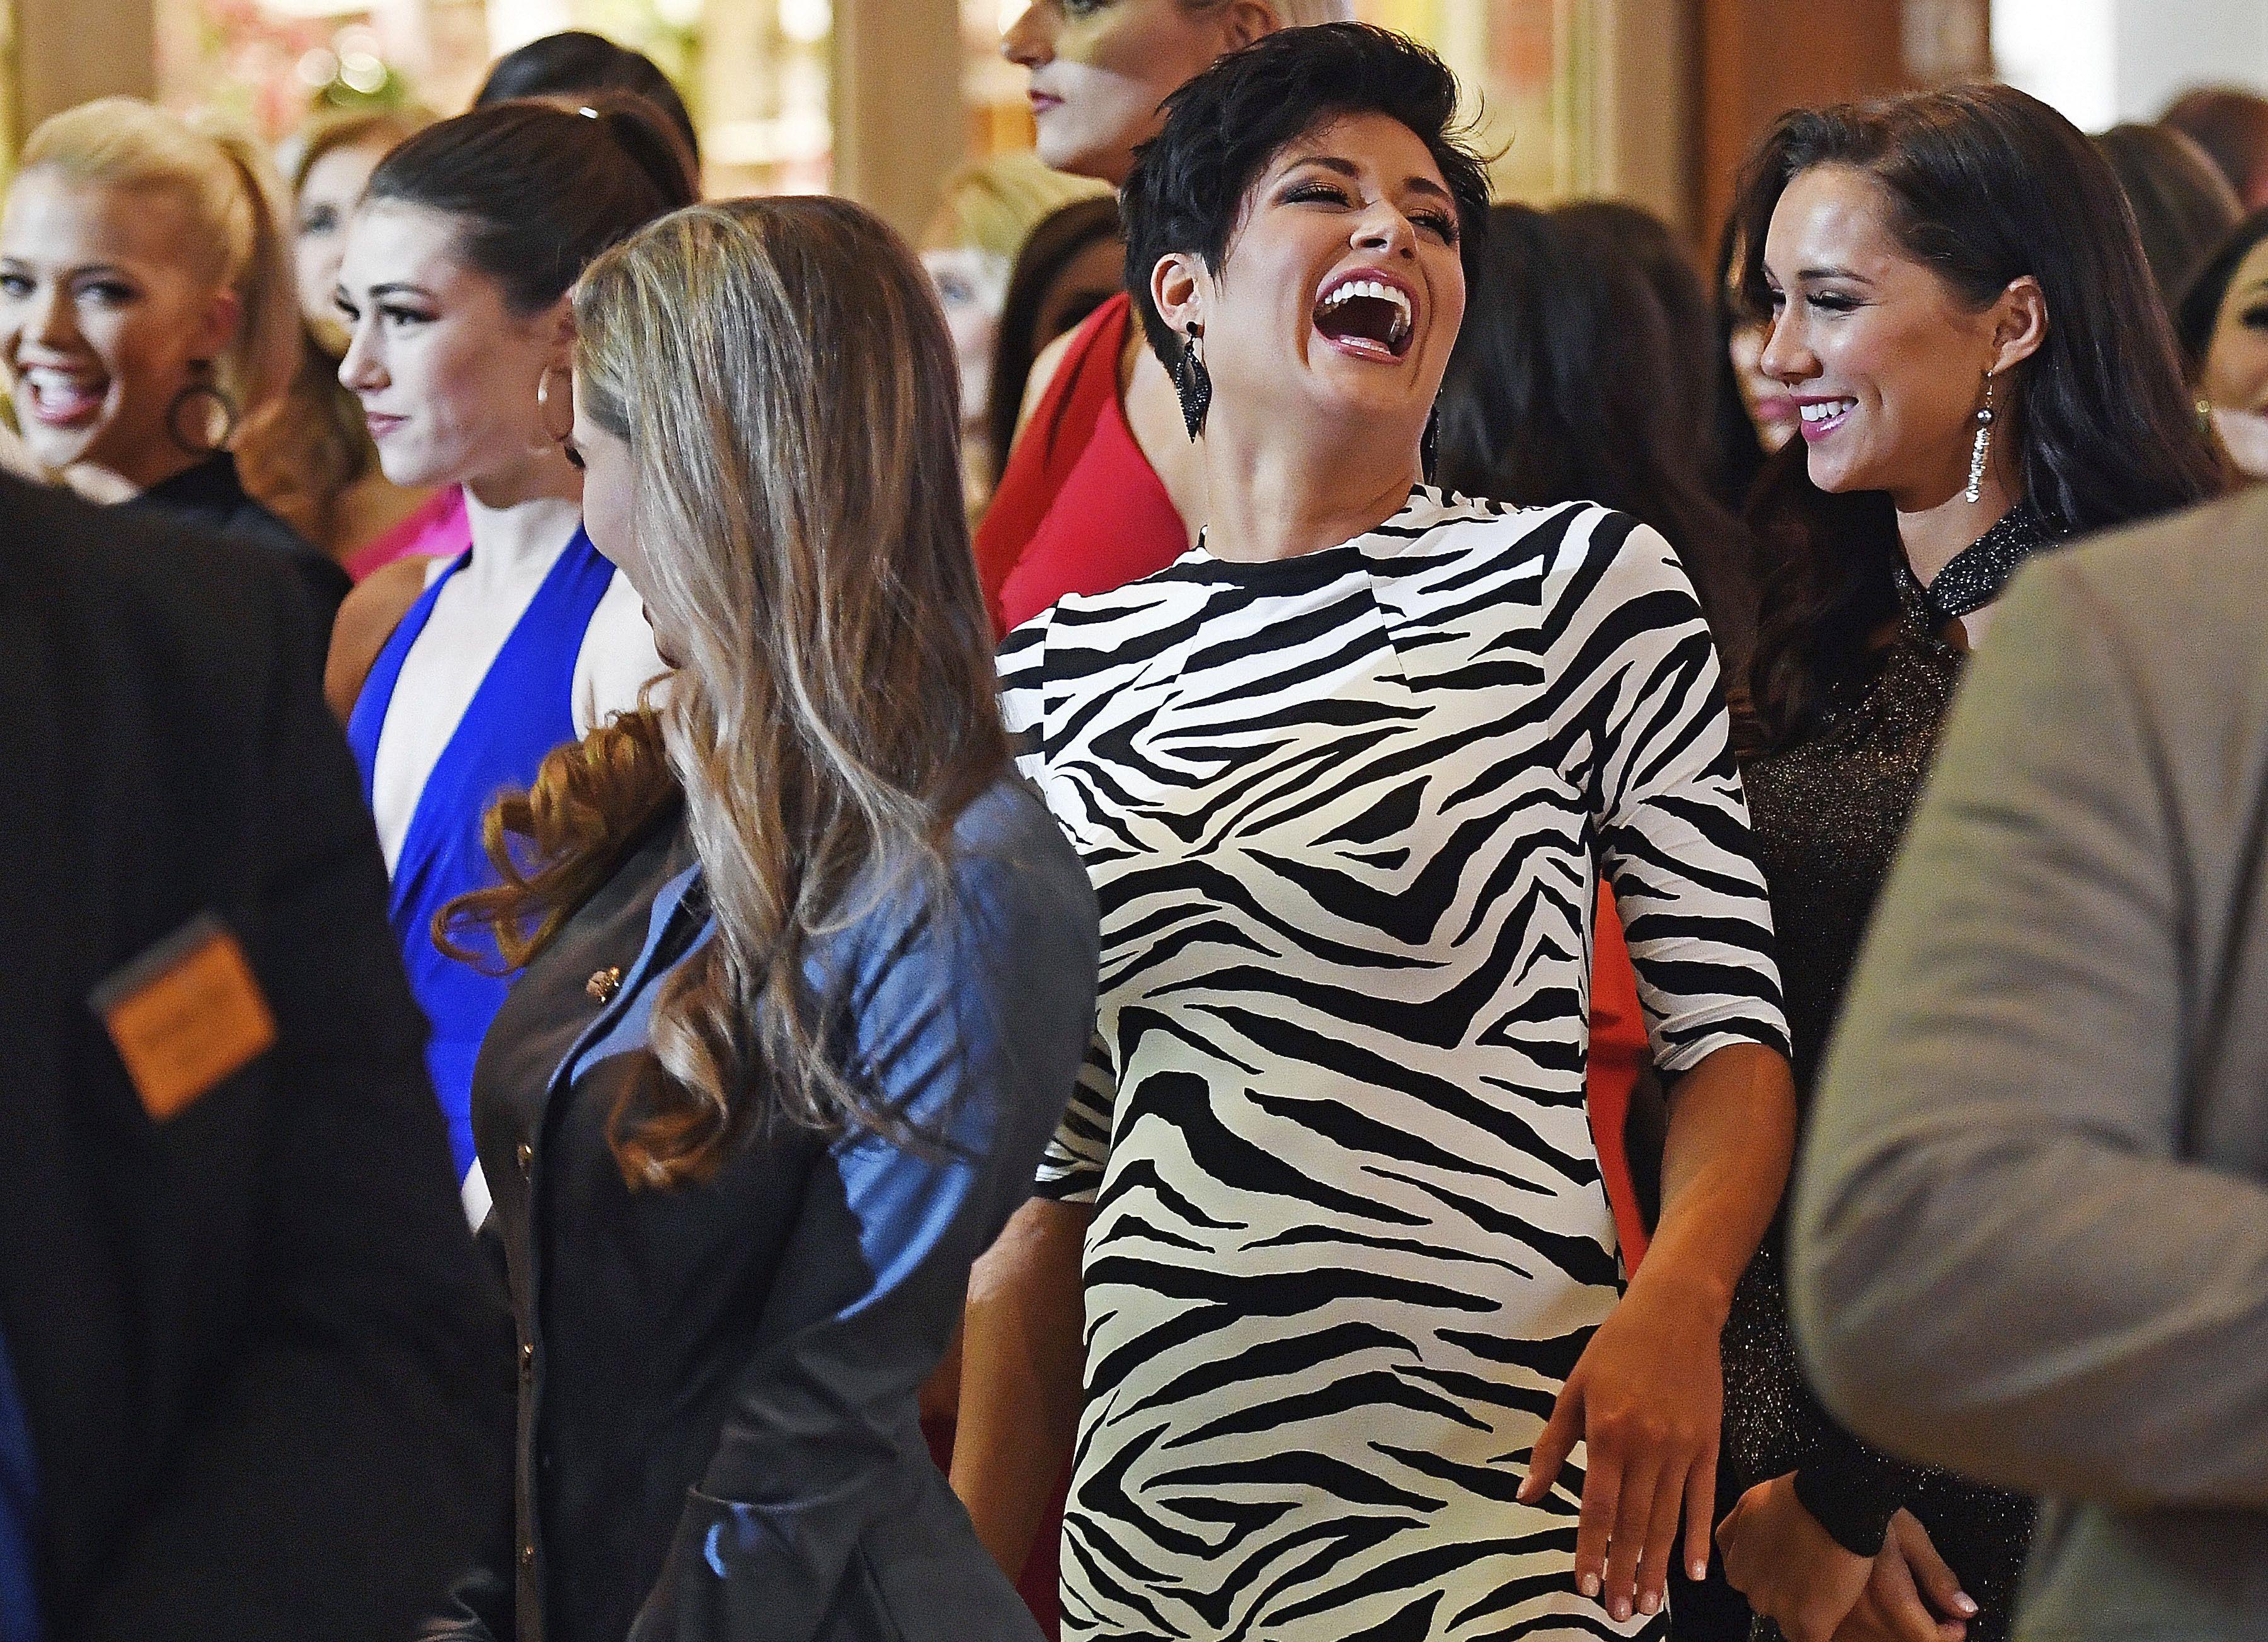 Miss America 2020 Camille Schrier Miss Virginia Wins